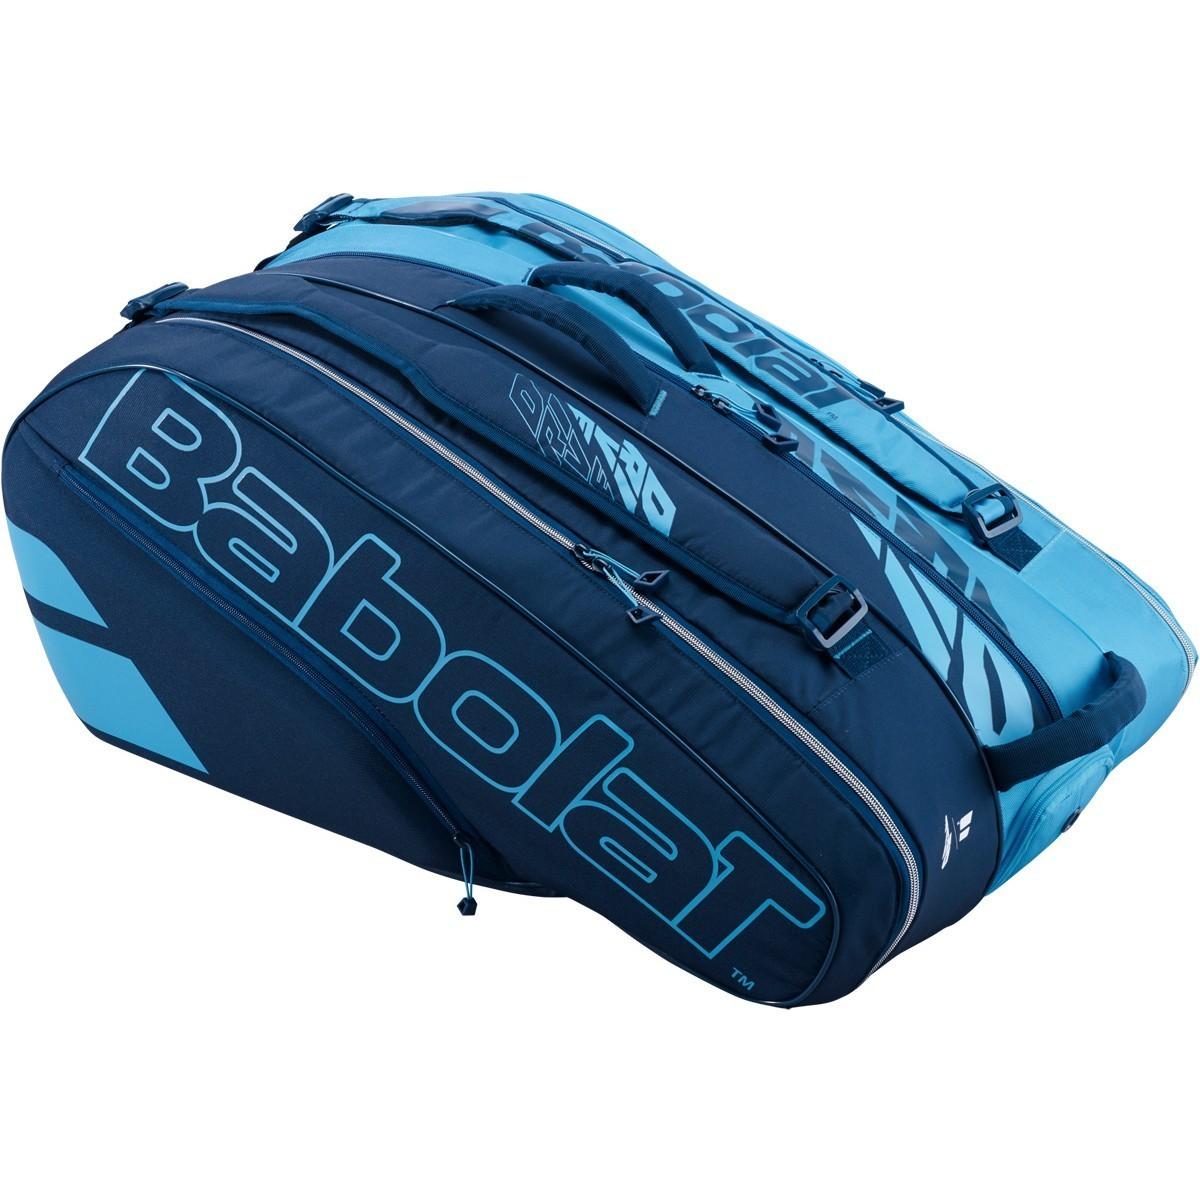 Теннисная сумка Babolat Pure Drive x12 blue